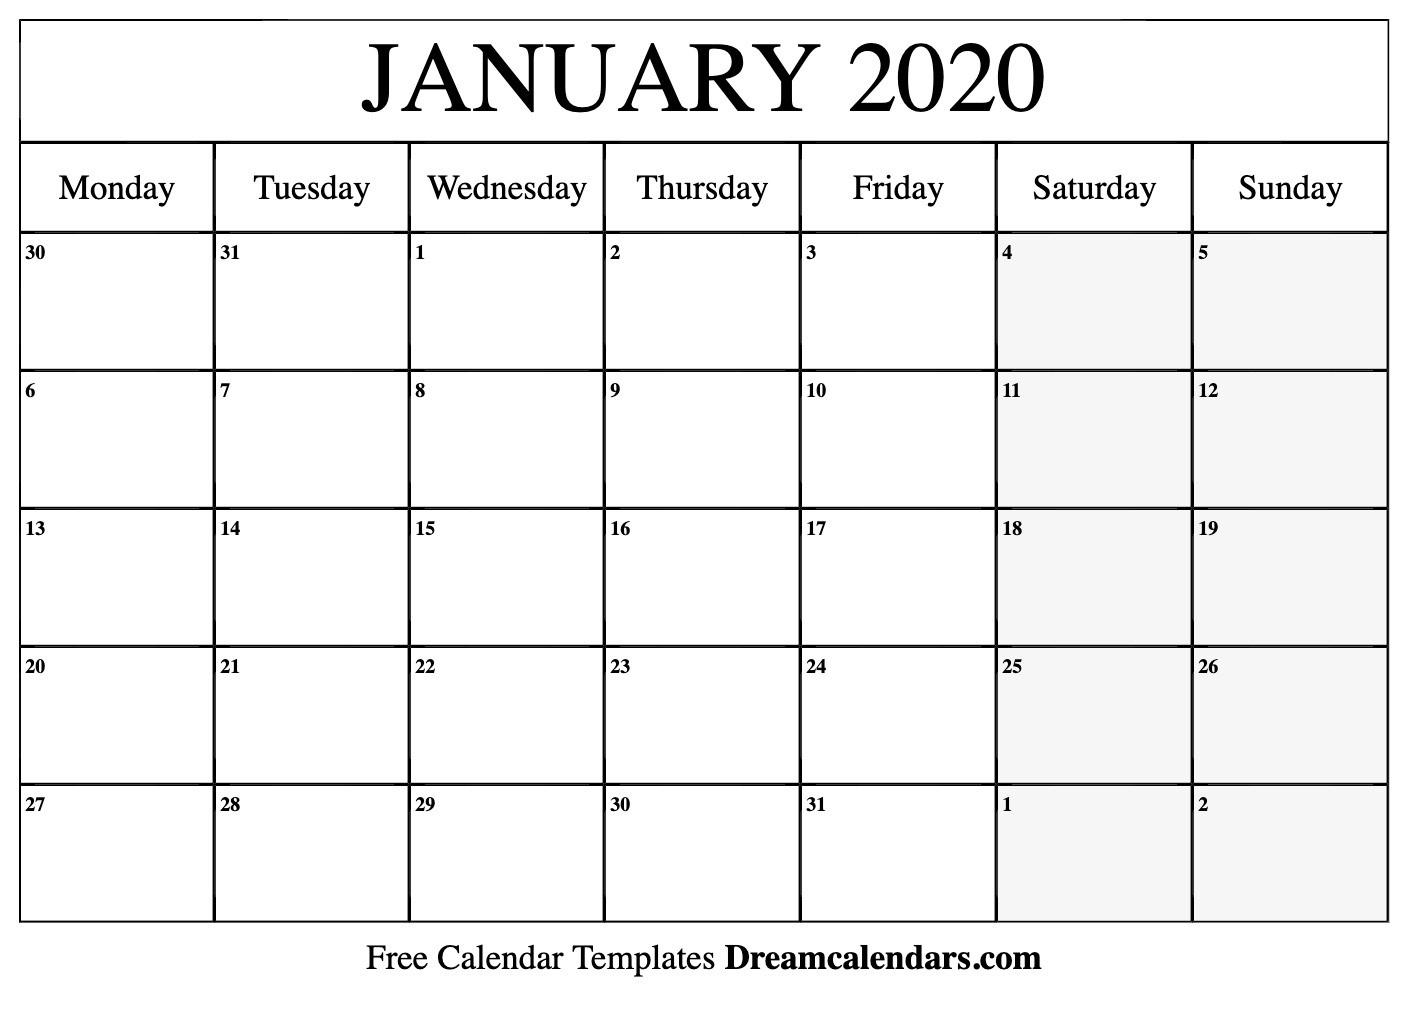 Printable January 2020 Calendar-January 2020 Calendar With Moon Phases